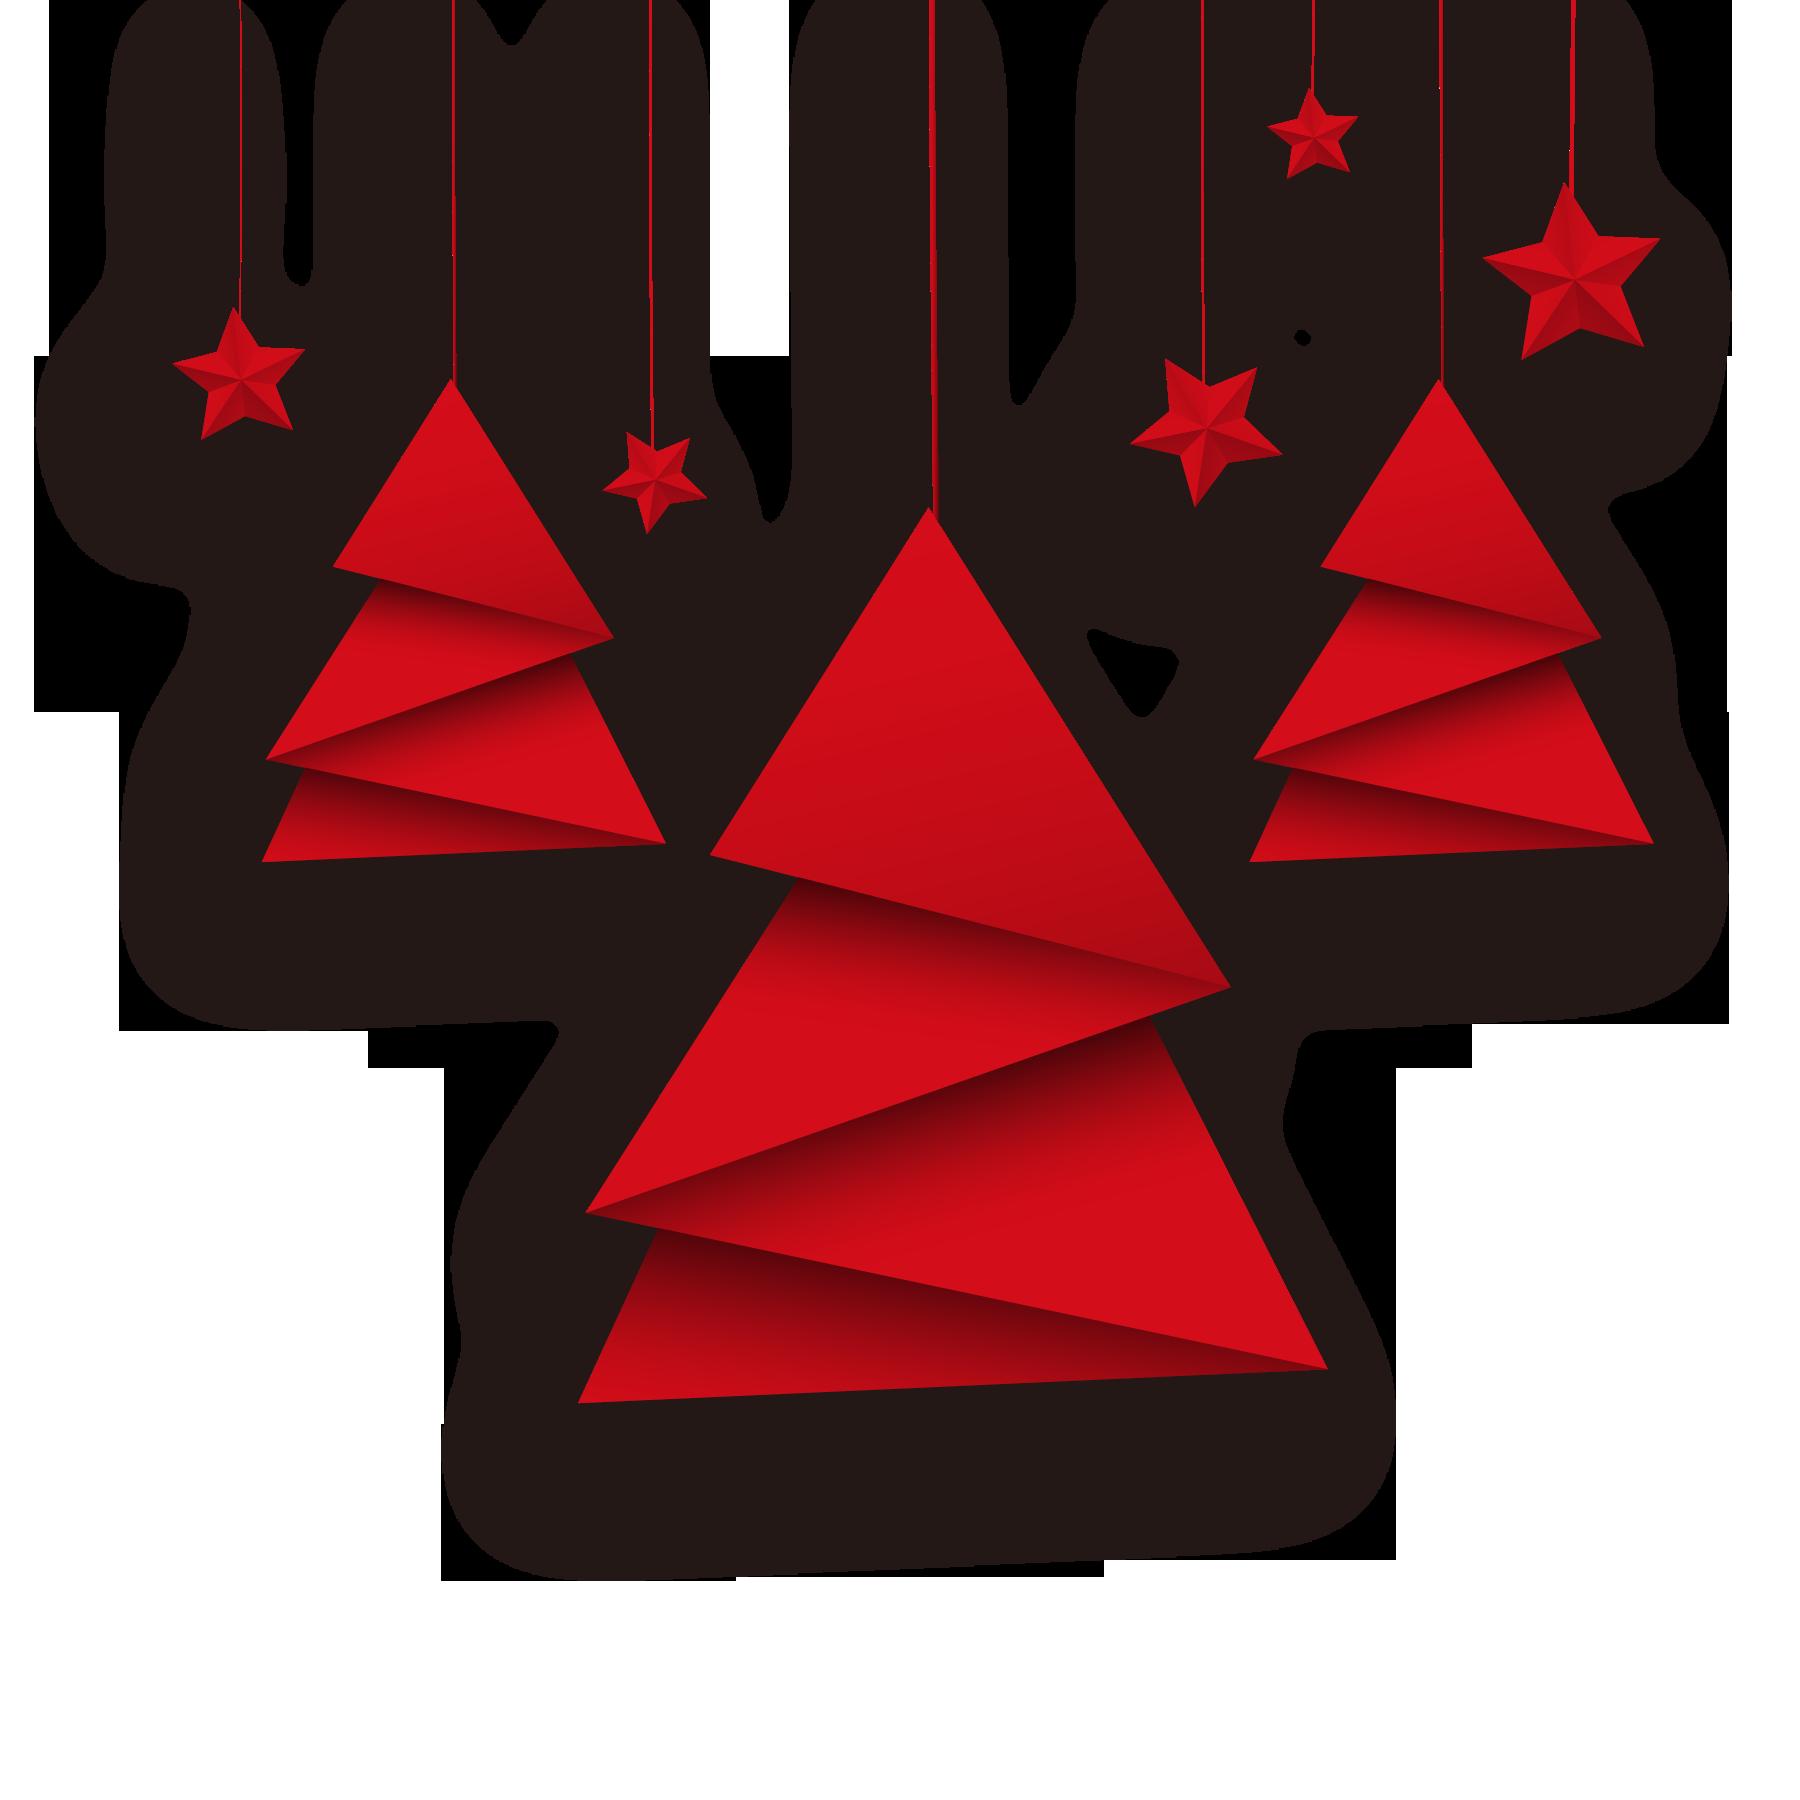 红色折纸圣诞树和星星免扣元素